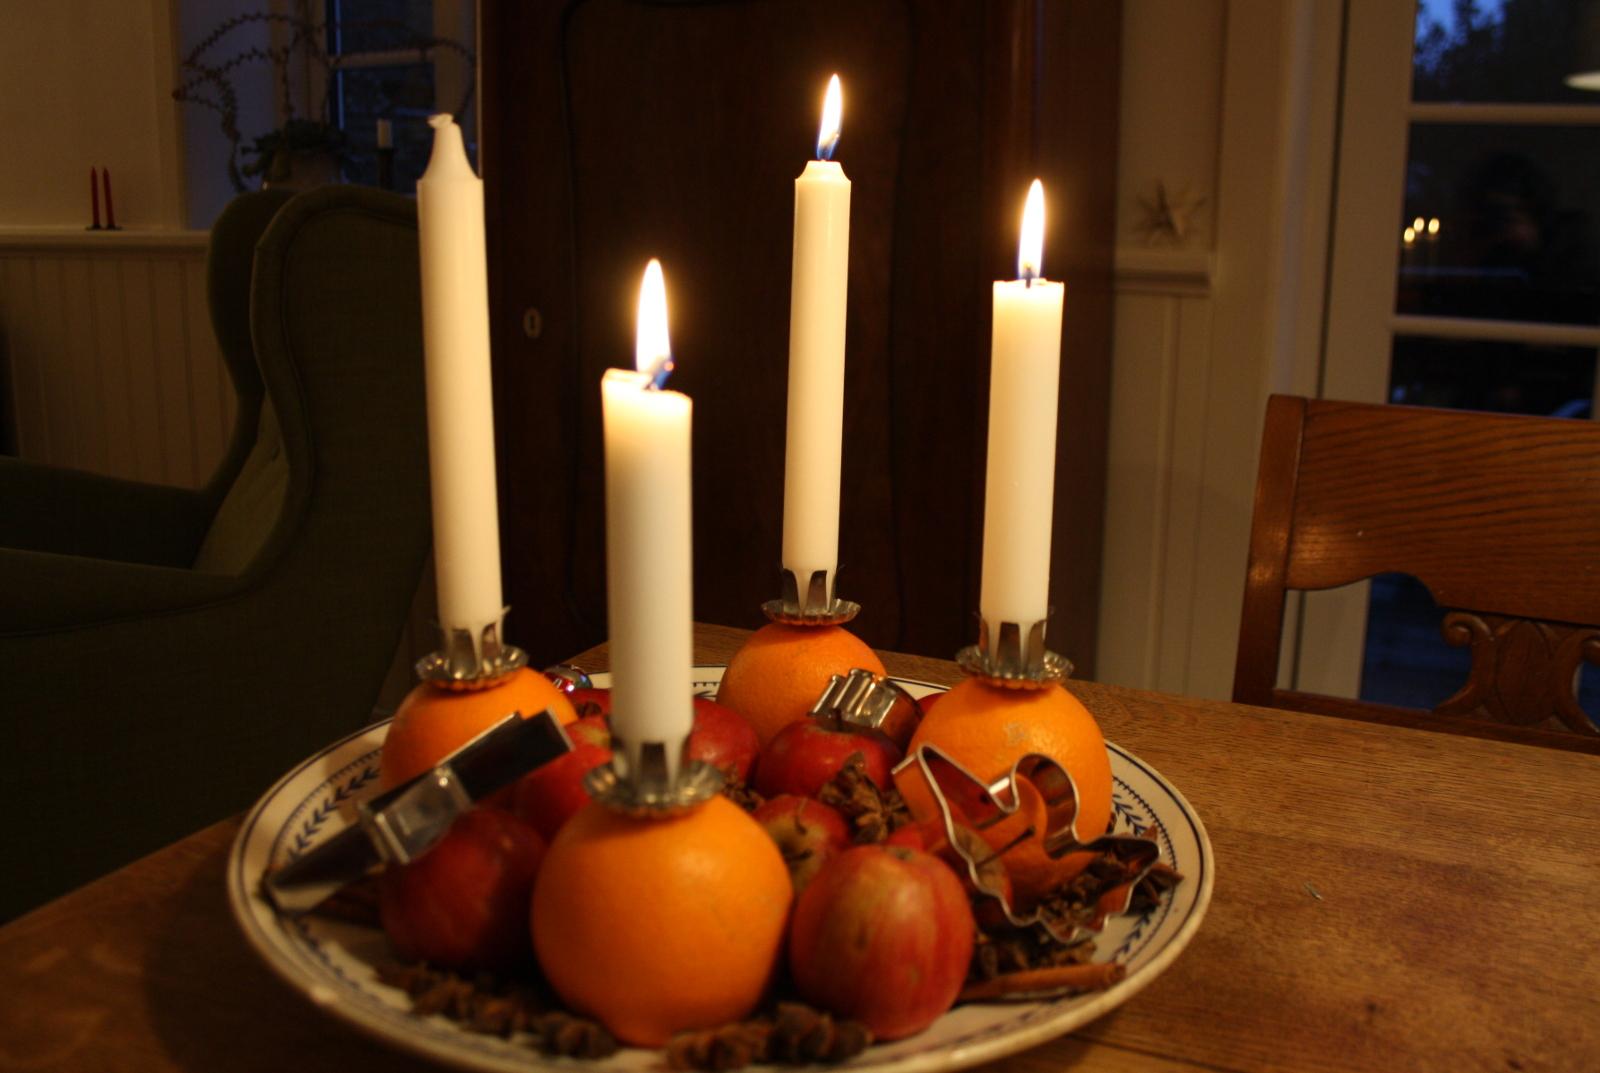 Appelsinadventskrans